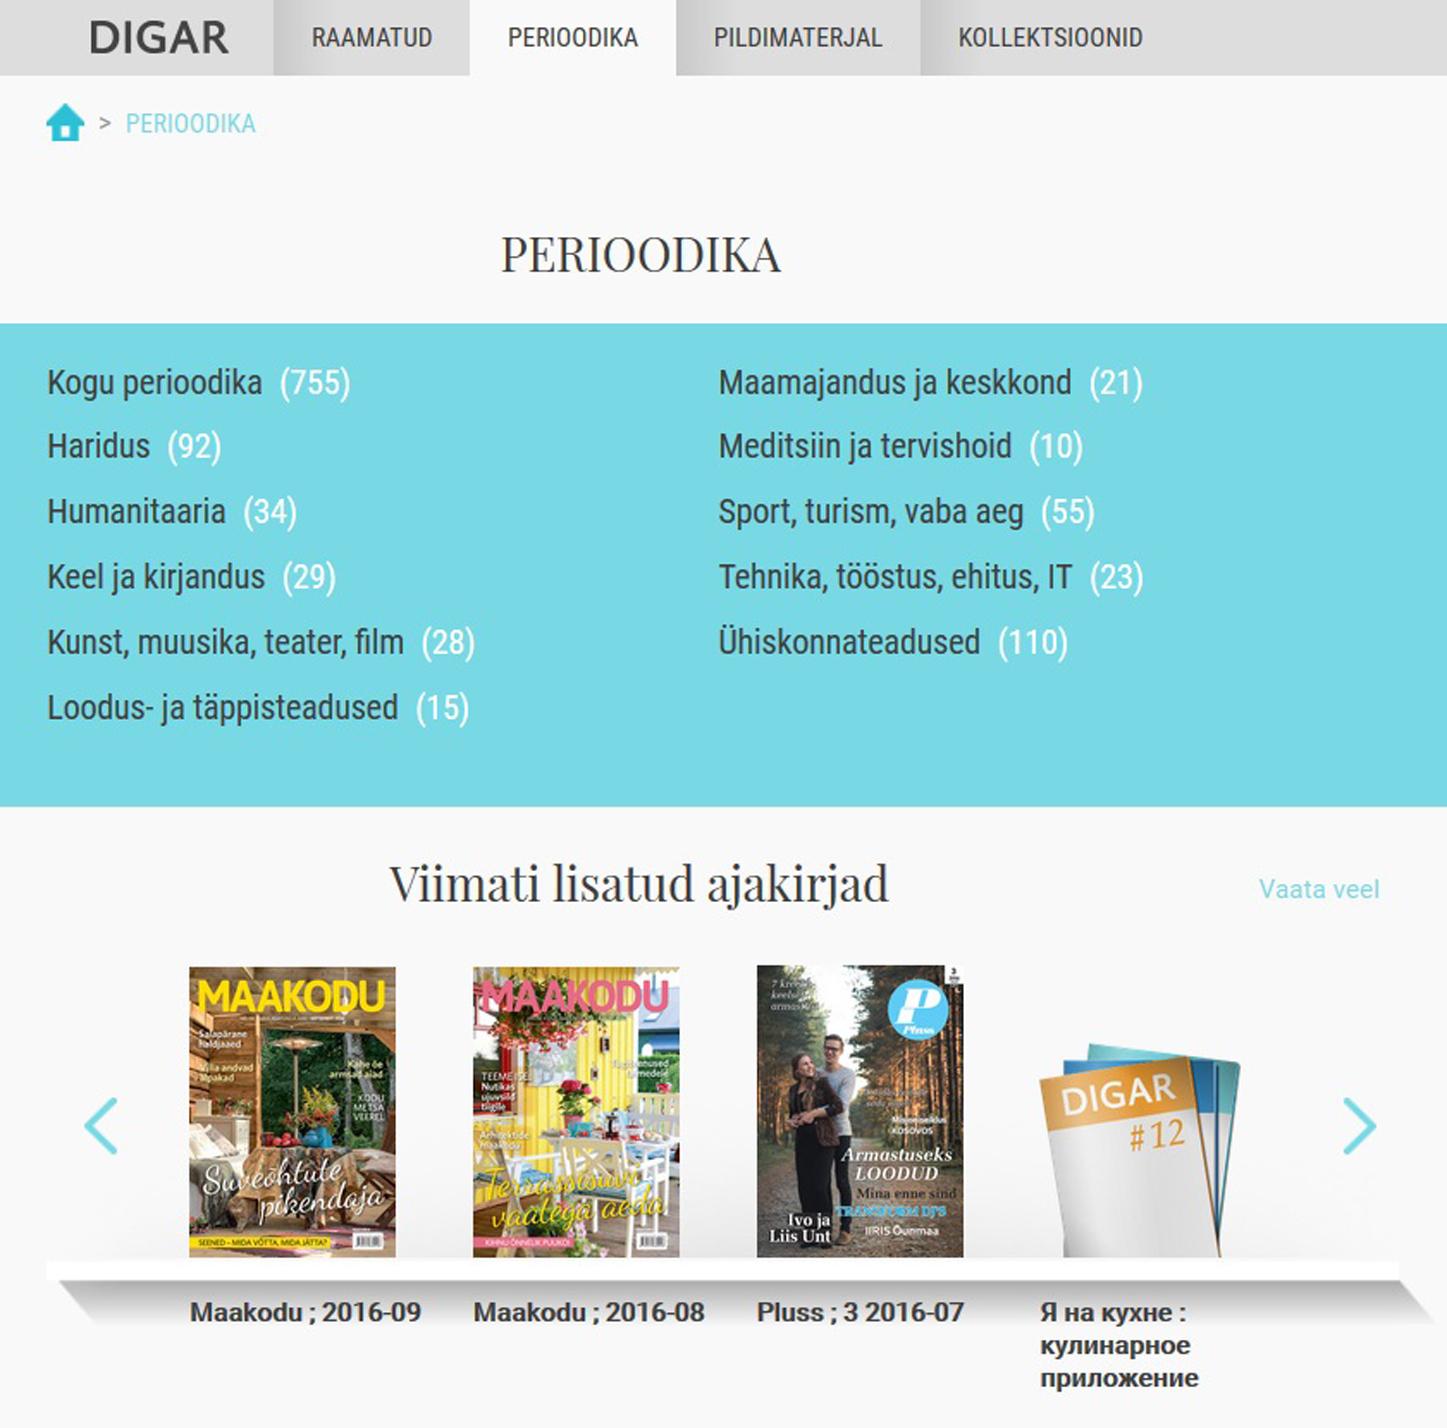 Eesti digiteeritud ja digitaalselt sündinud teavikuid saab kasutada digitaalarhiivi DIGAR kaudu. Foto: Rahvusraamatukogu